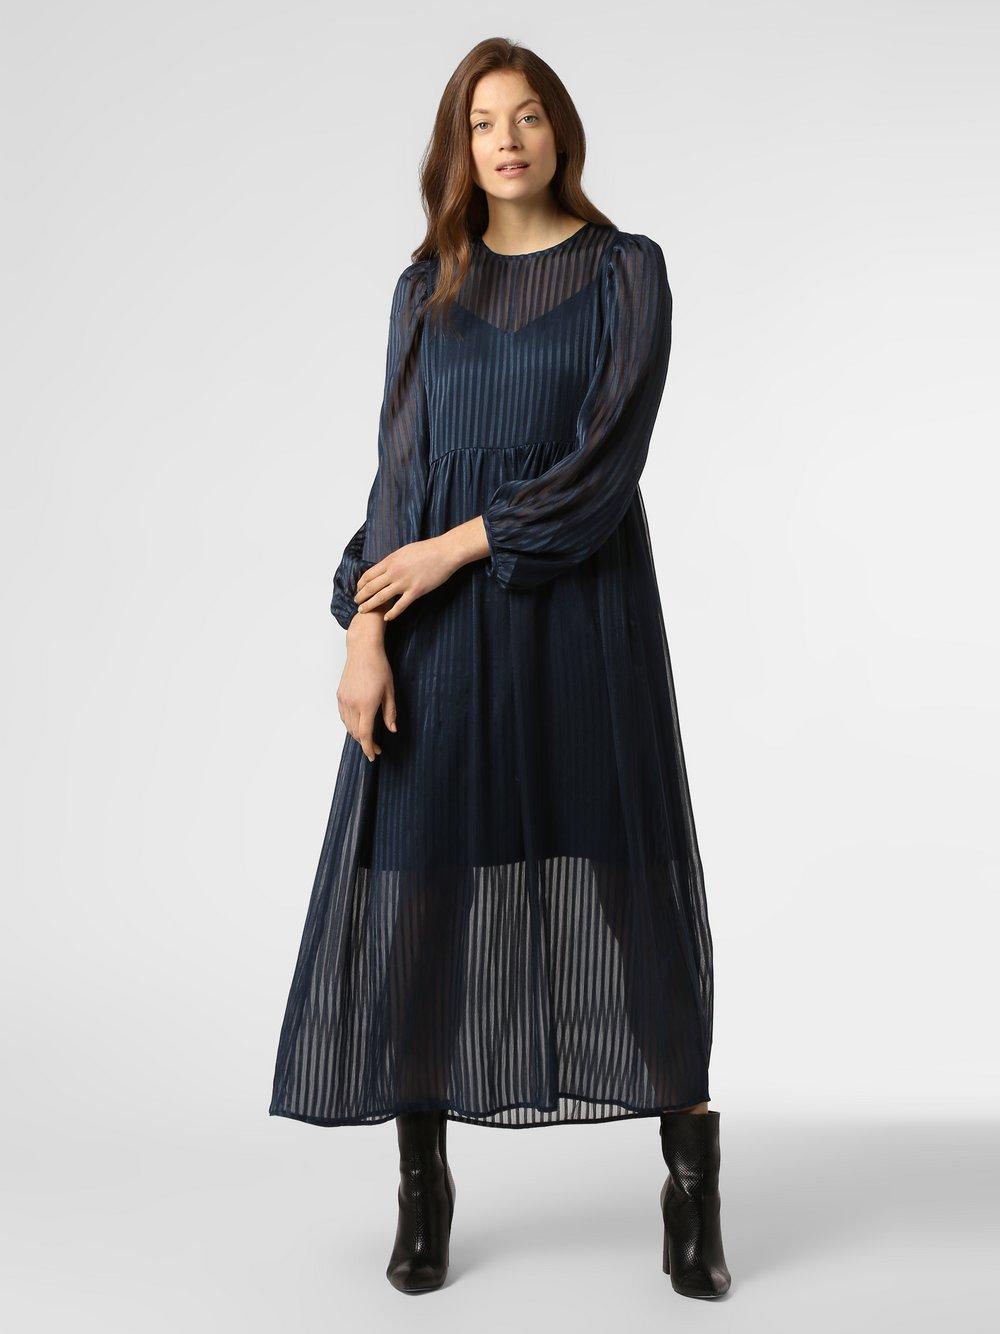 Y.A.S – Sukienka damska – Yasfina, szary Van Graaf 464759-0001-09960